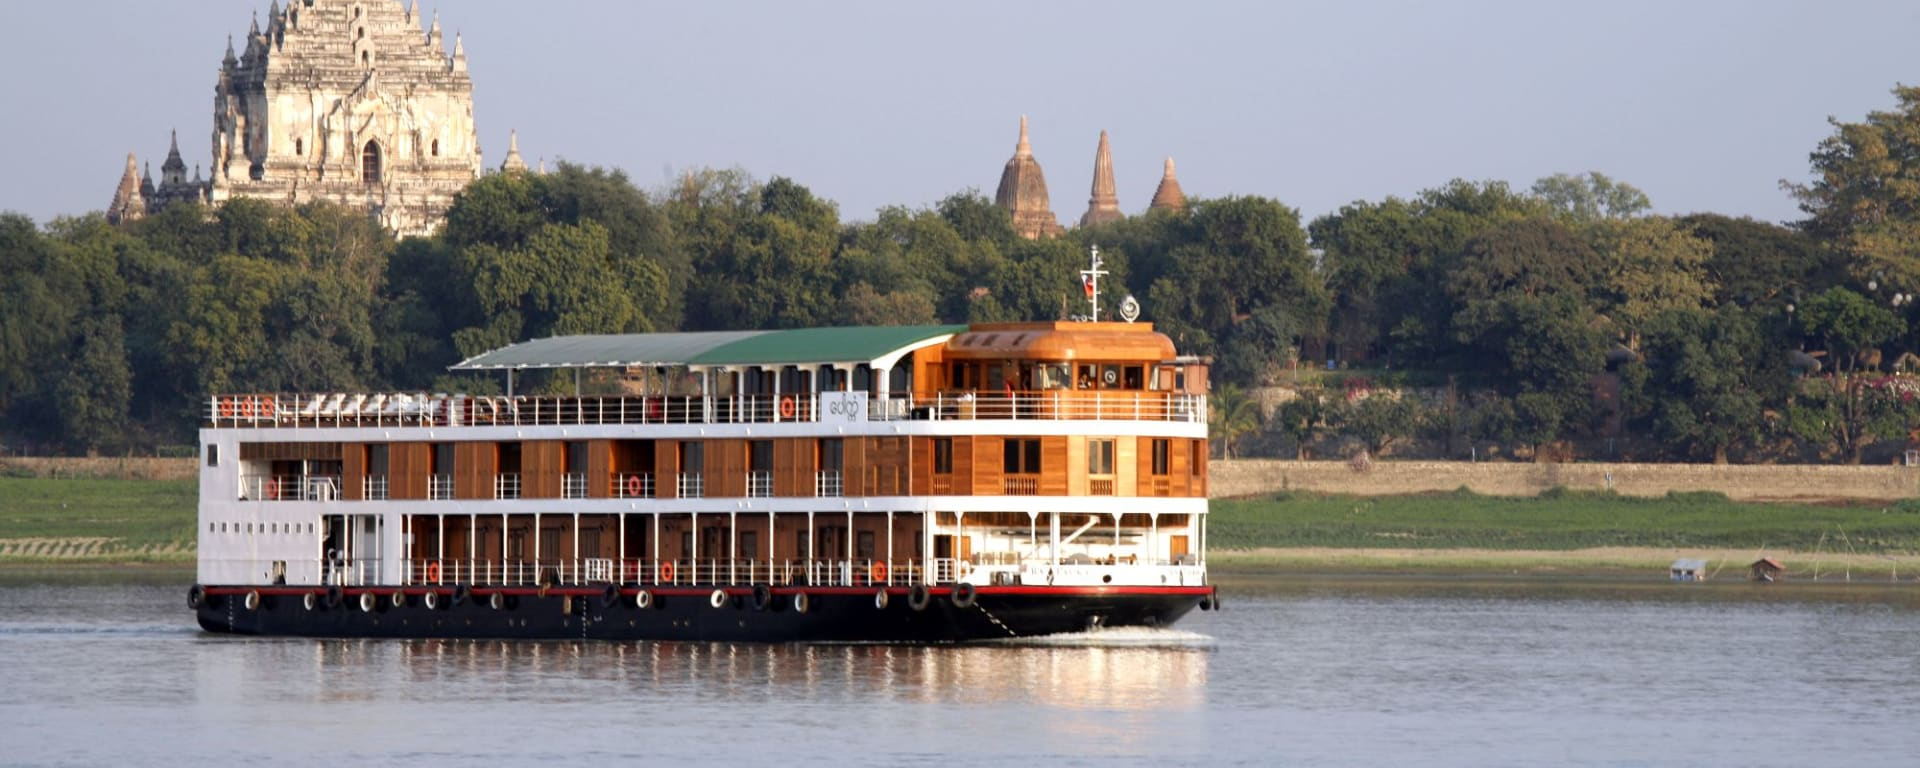 Mythes et légendes du Myanmar de Yangon: RV Paukan 2007